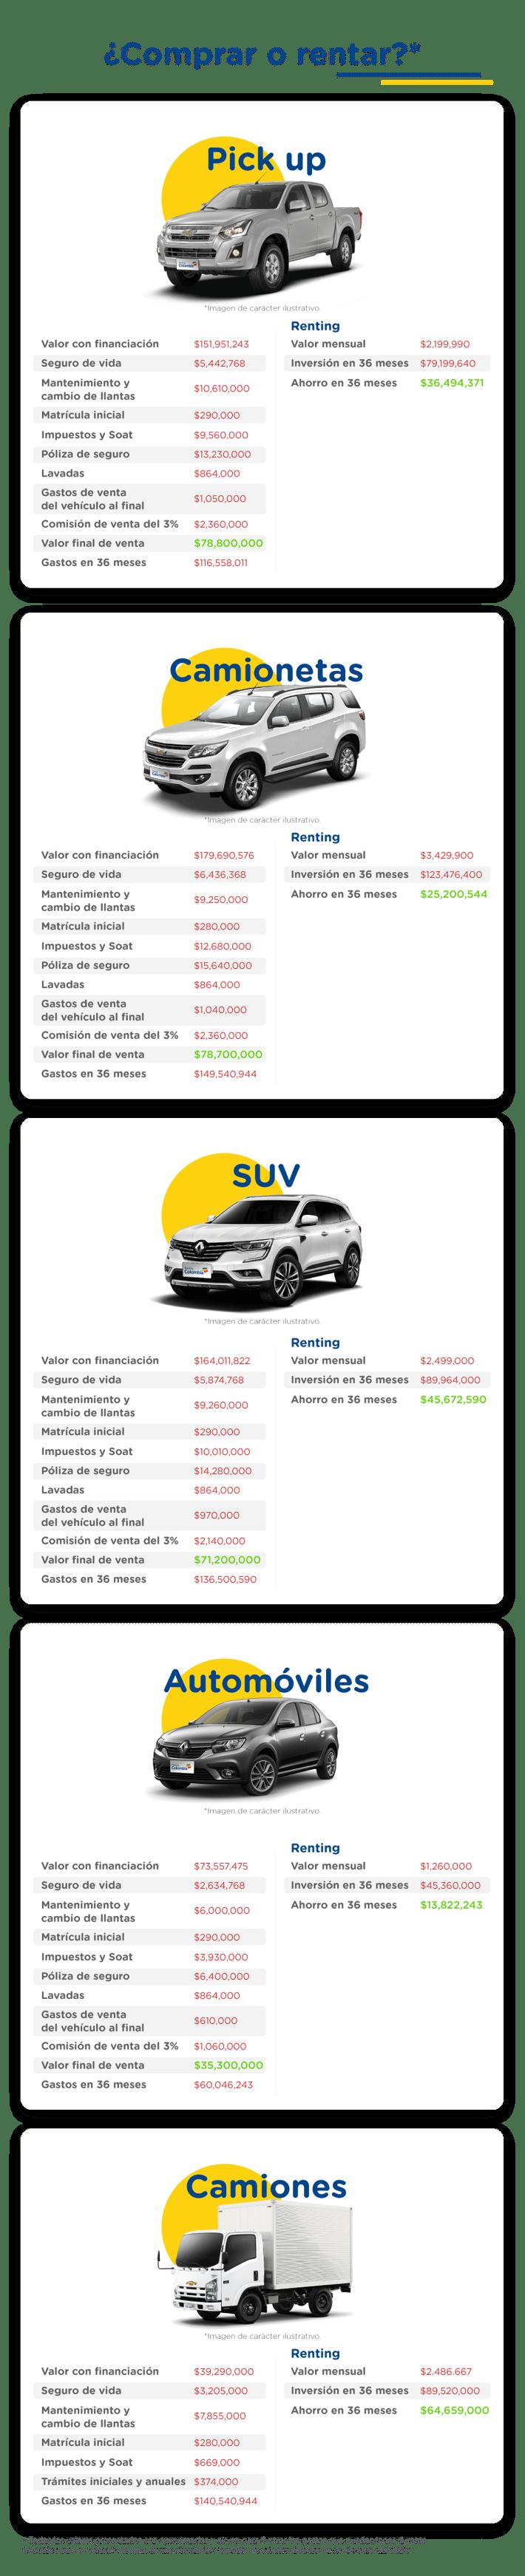 infografico-blogpost-comparativo-cambio-de-vehiculos-v2-2